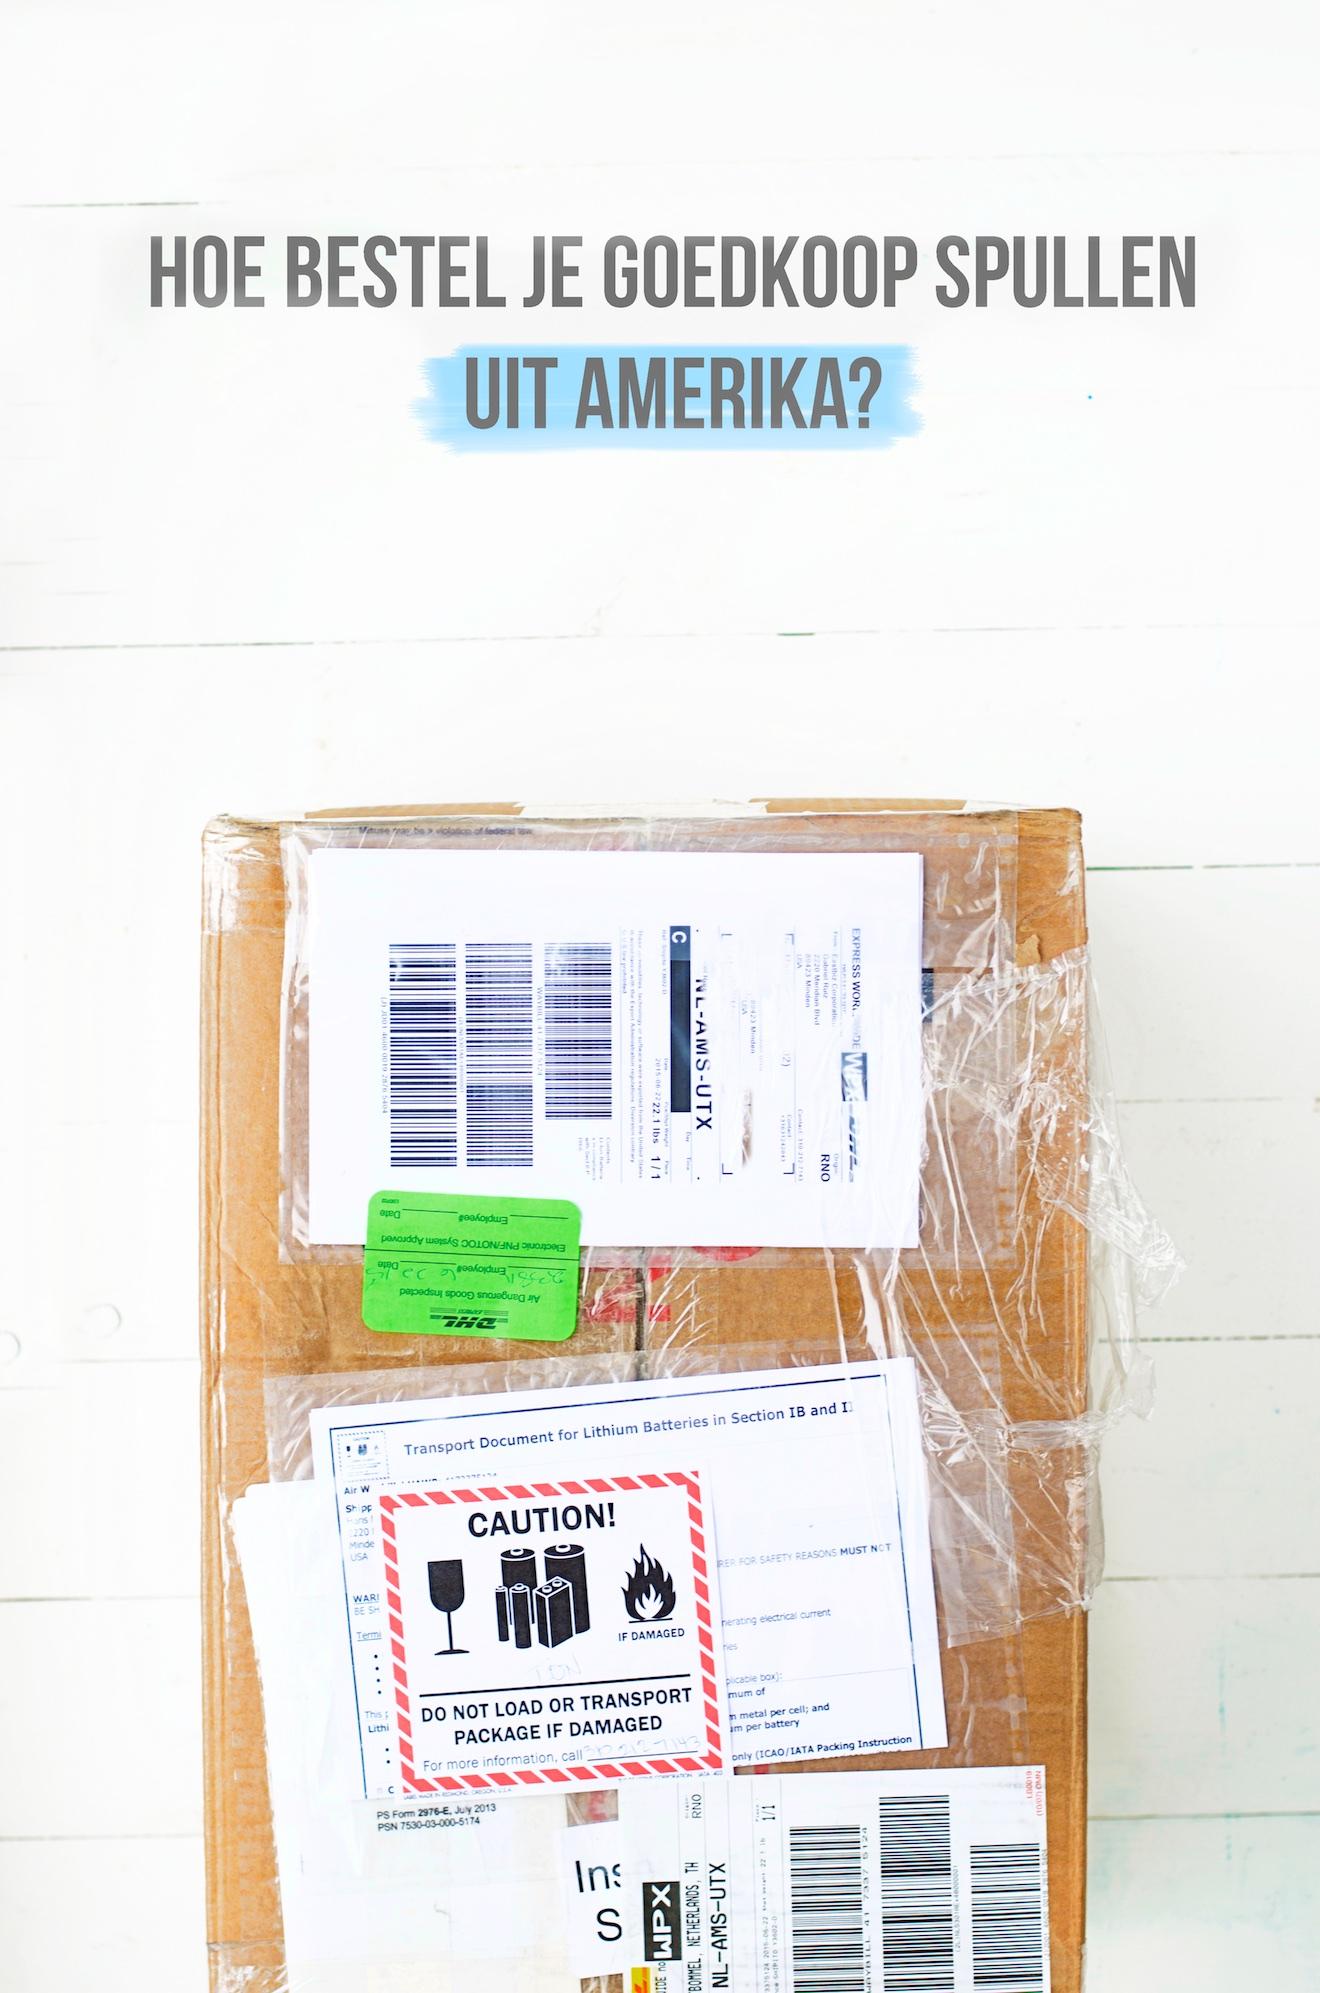 hoe bestel je een pakketje uit amerika (4)